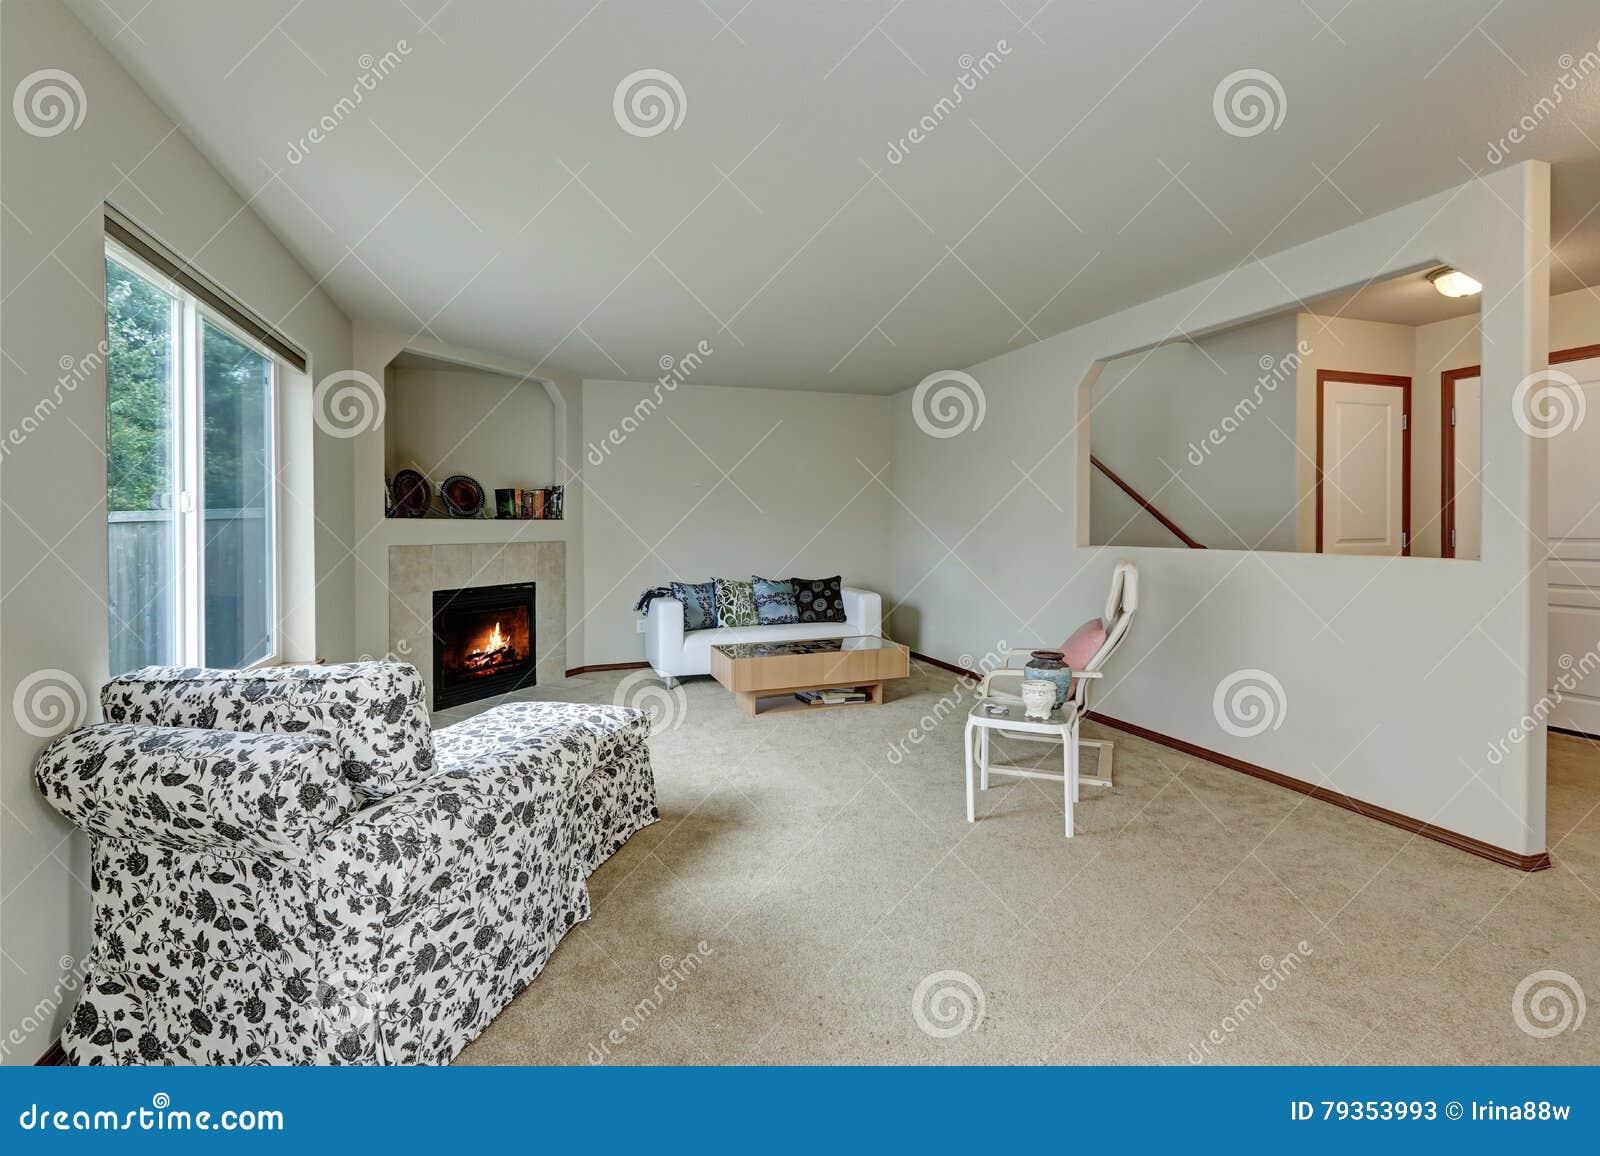 Licht Tont Elegantes Wohnzimmer Mit Kamin In Der Ecke Stockbild